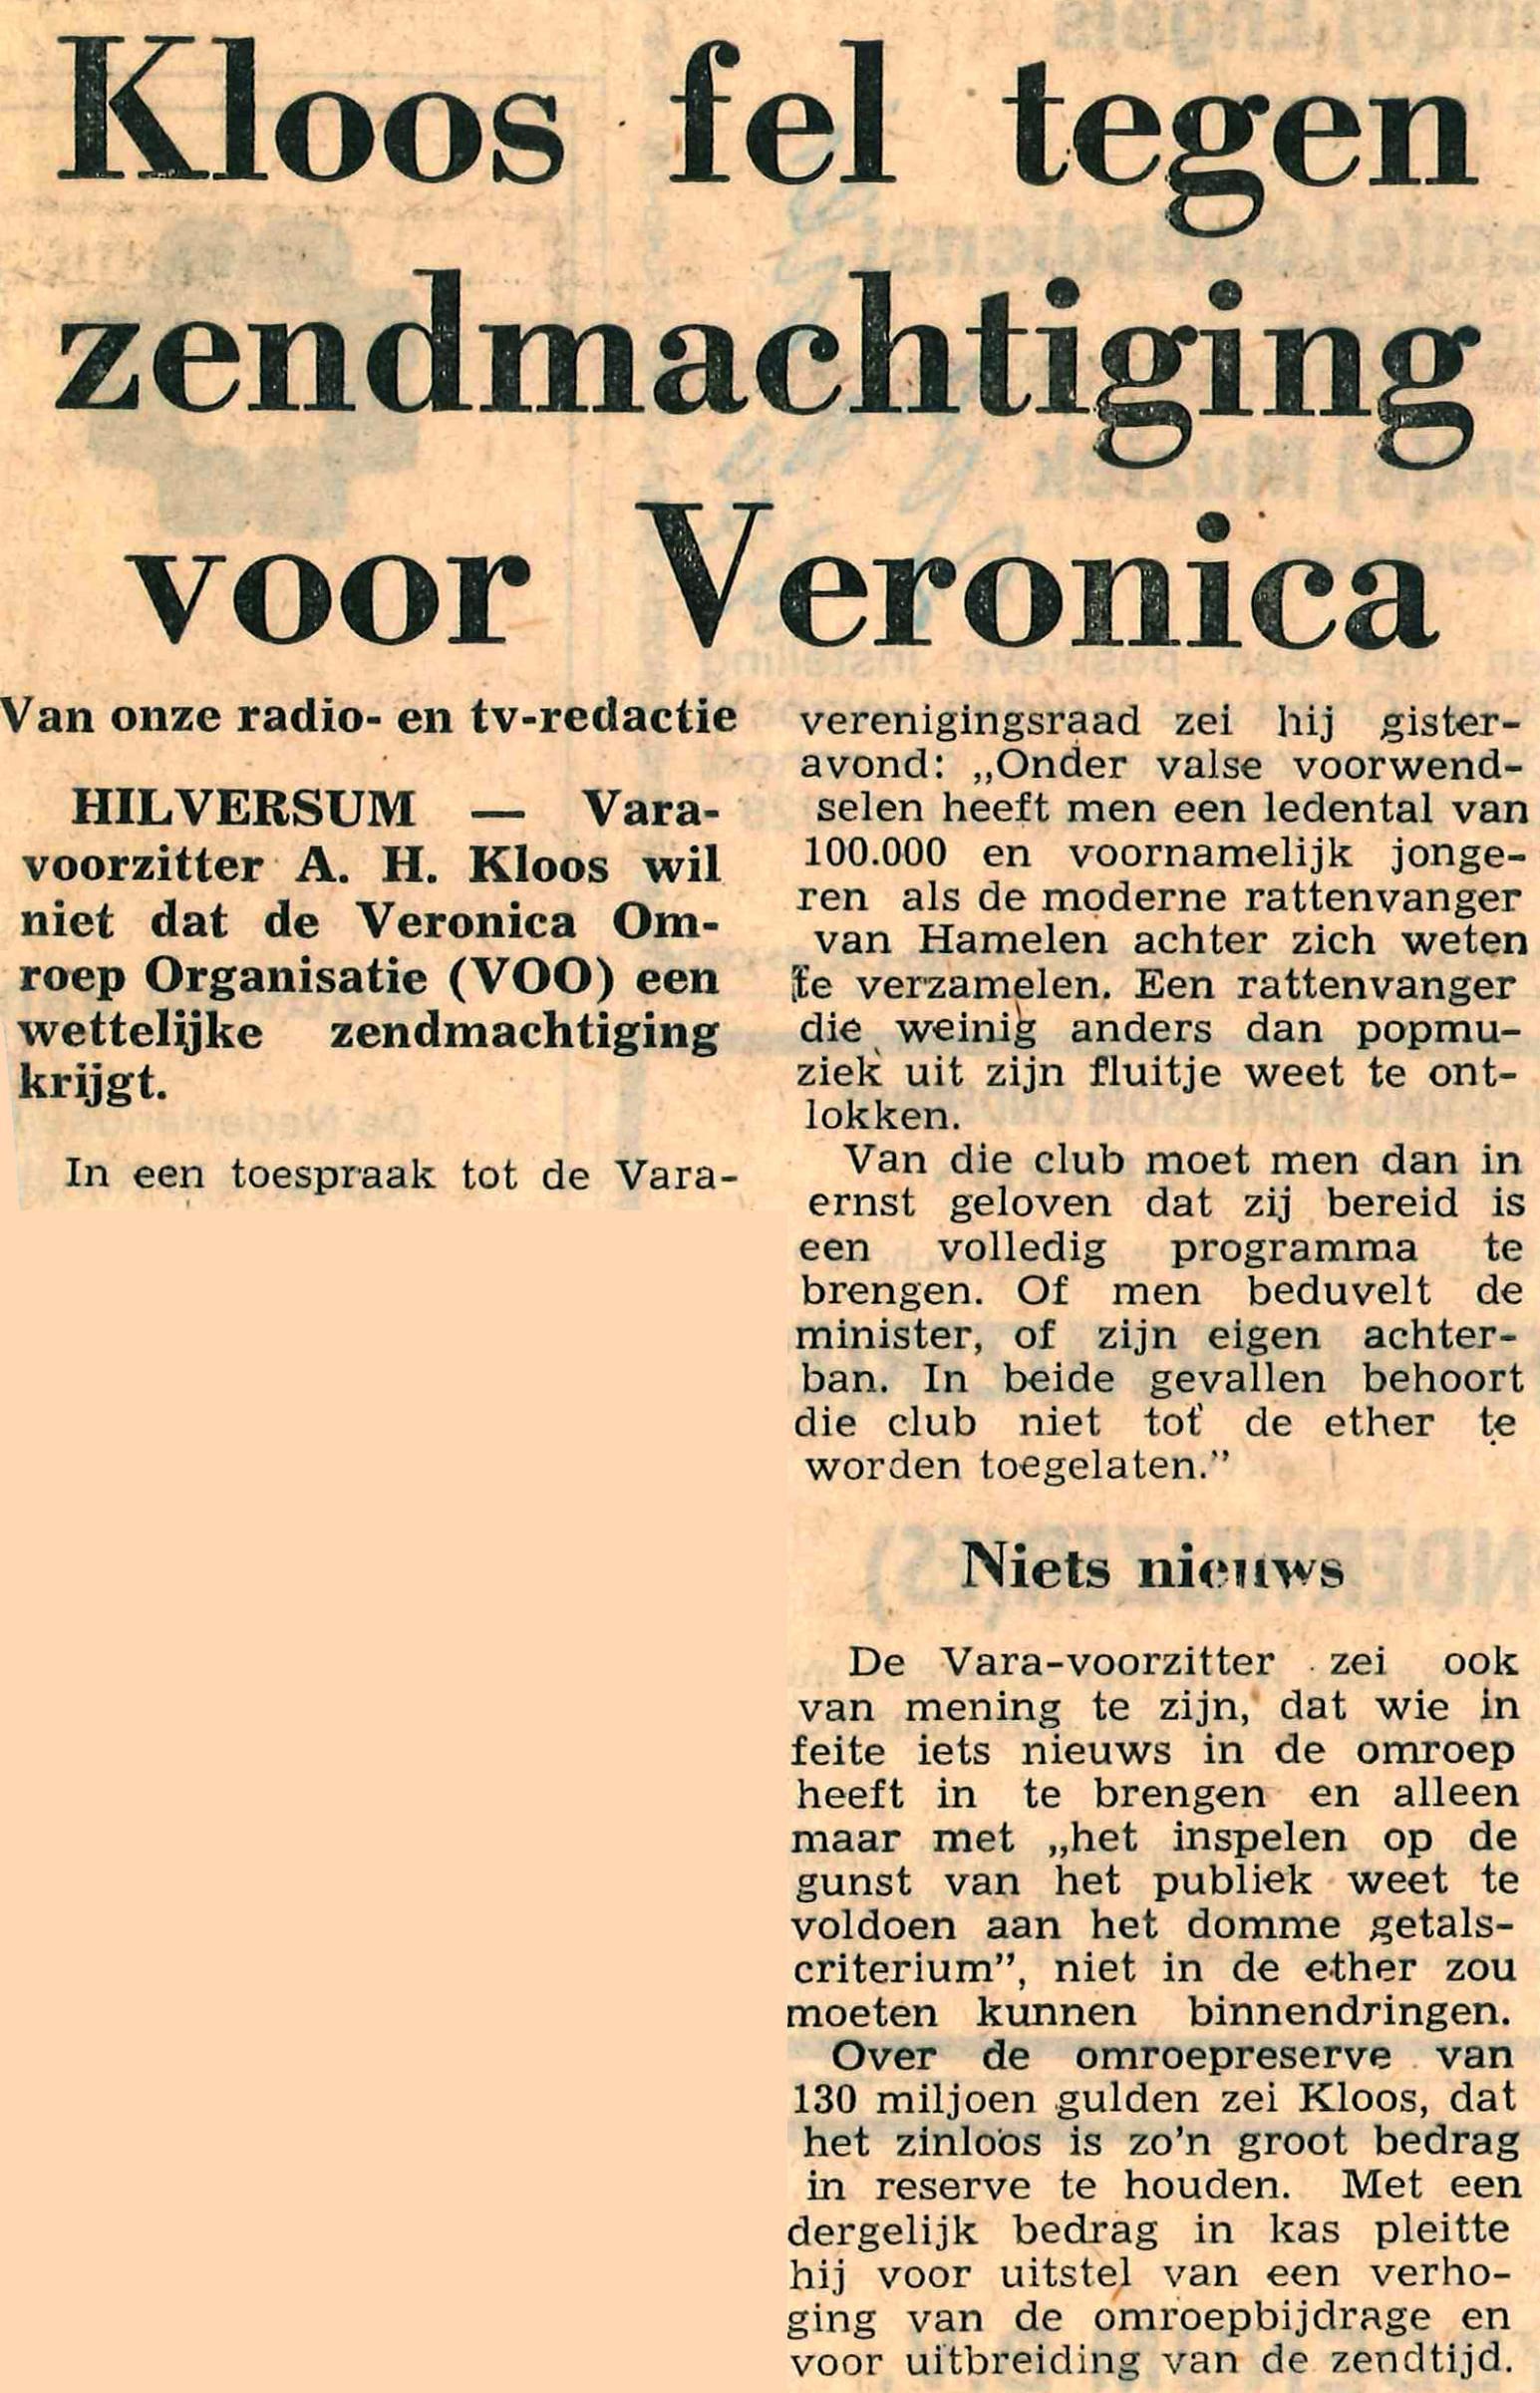 19740508_RG_Kloos_tegen_macht_Veronica.jpg